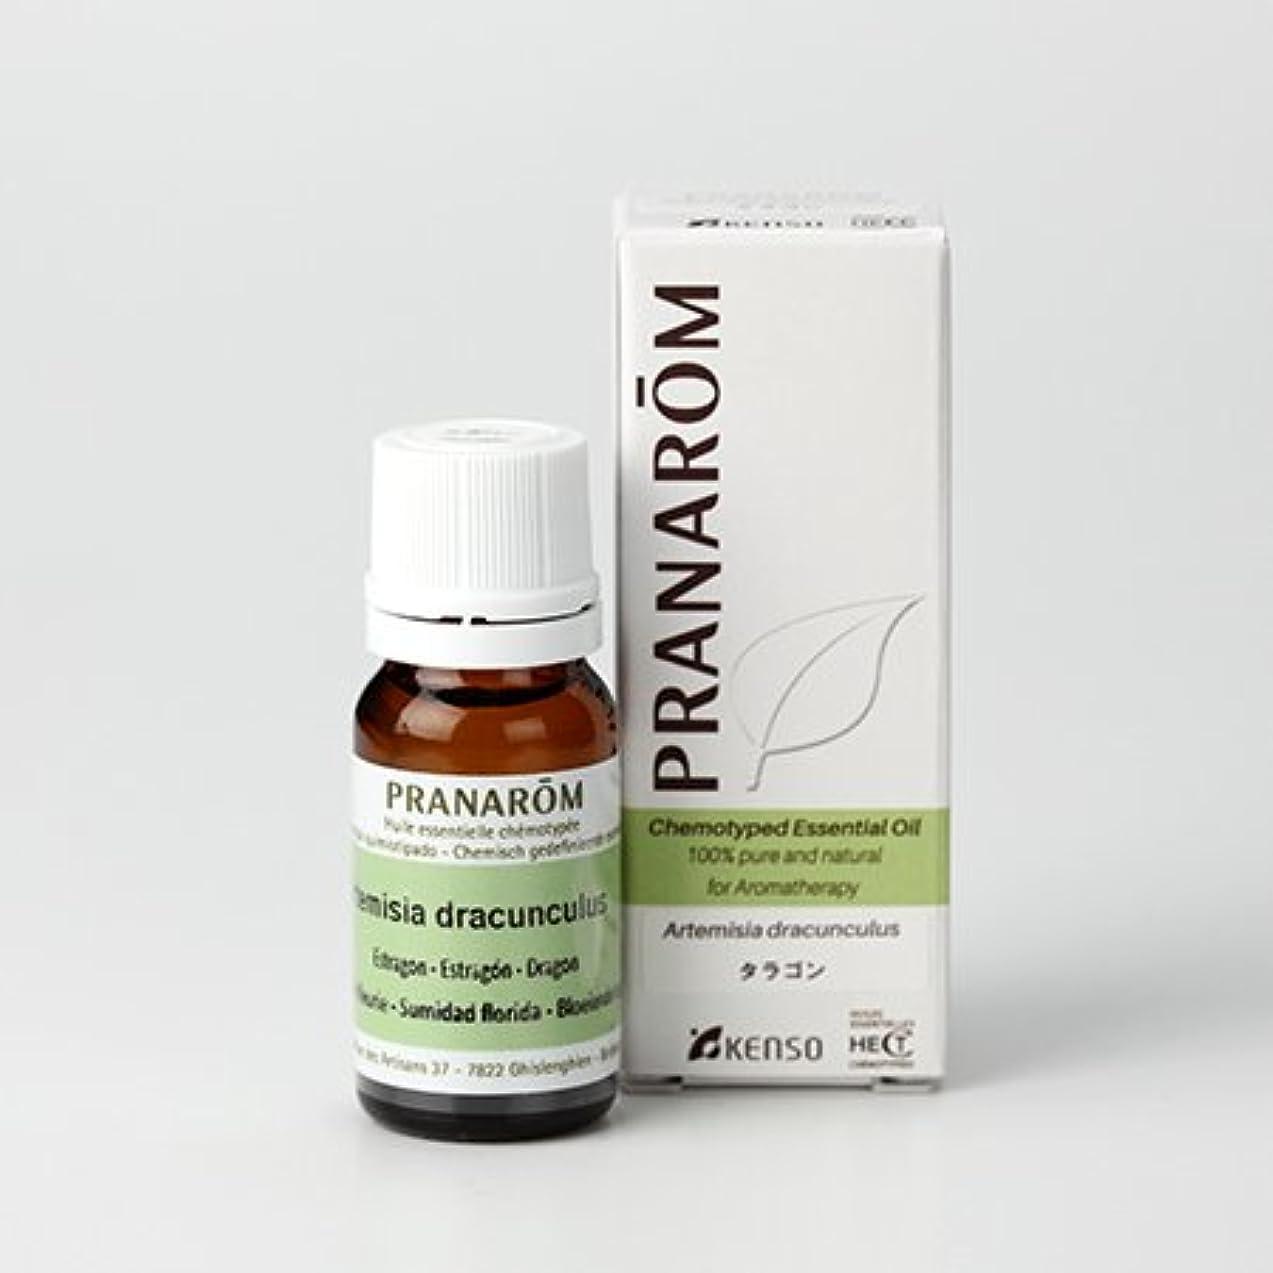 びっくりびっくり遠近法プラナロム ( PRANAROM ) 精油 タラゴン 10ml p-15